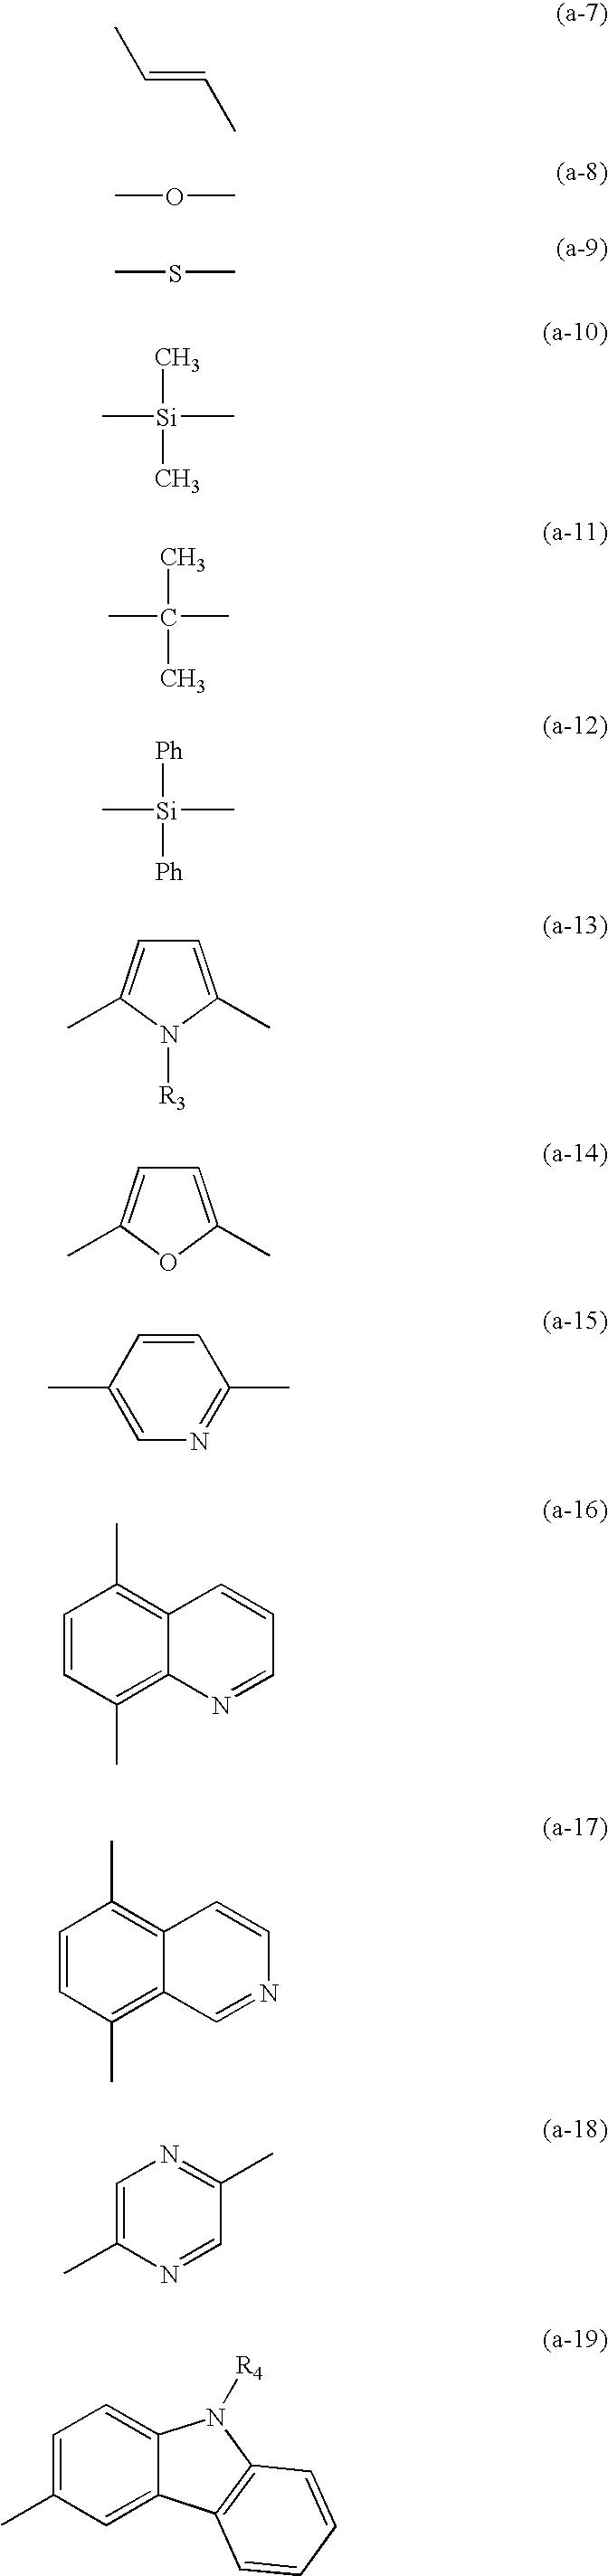 Figure US07871714-20110118-C00004